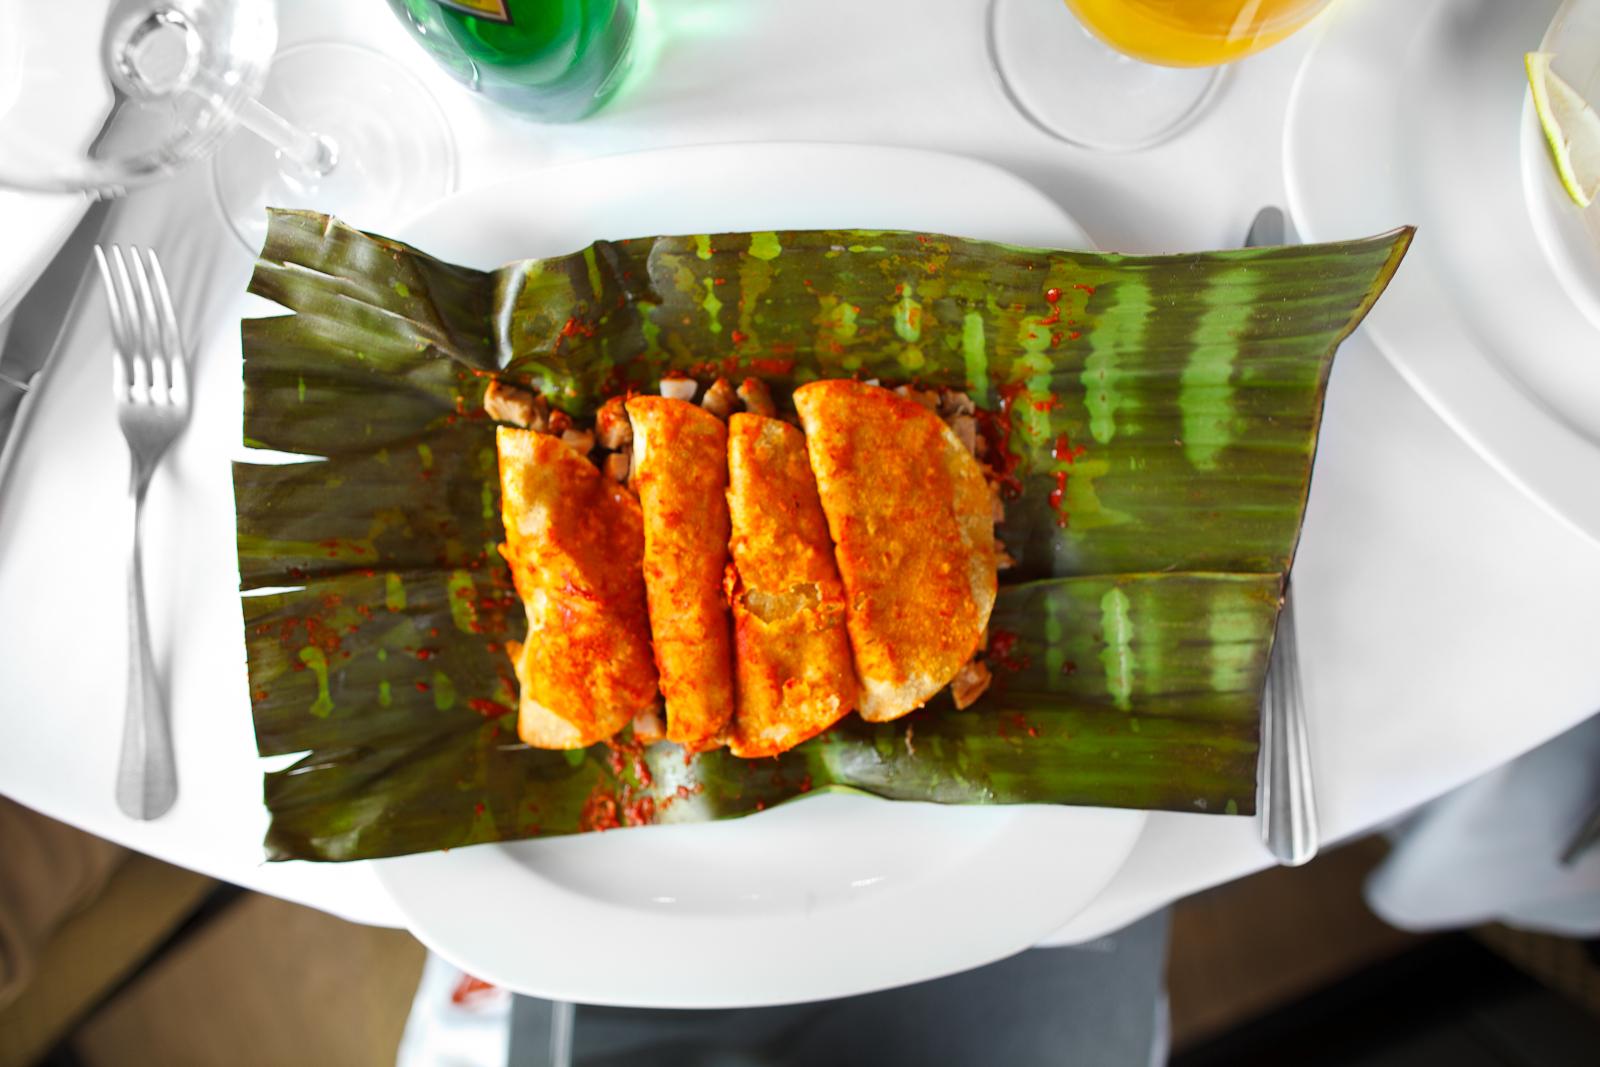 Tacos sudados de pecho de ternera, braseado por 6 horas con adobo de guajillo, (sweated tacos of lamb breast, braised for 6 hours) (115 MXP)